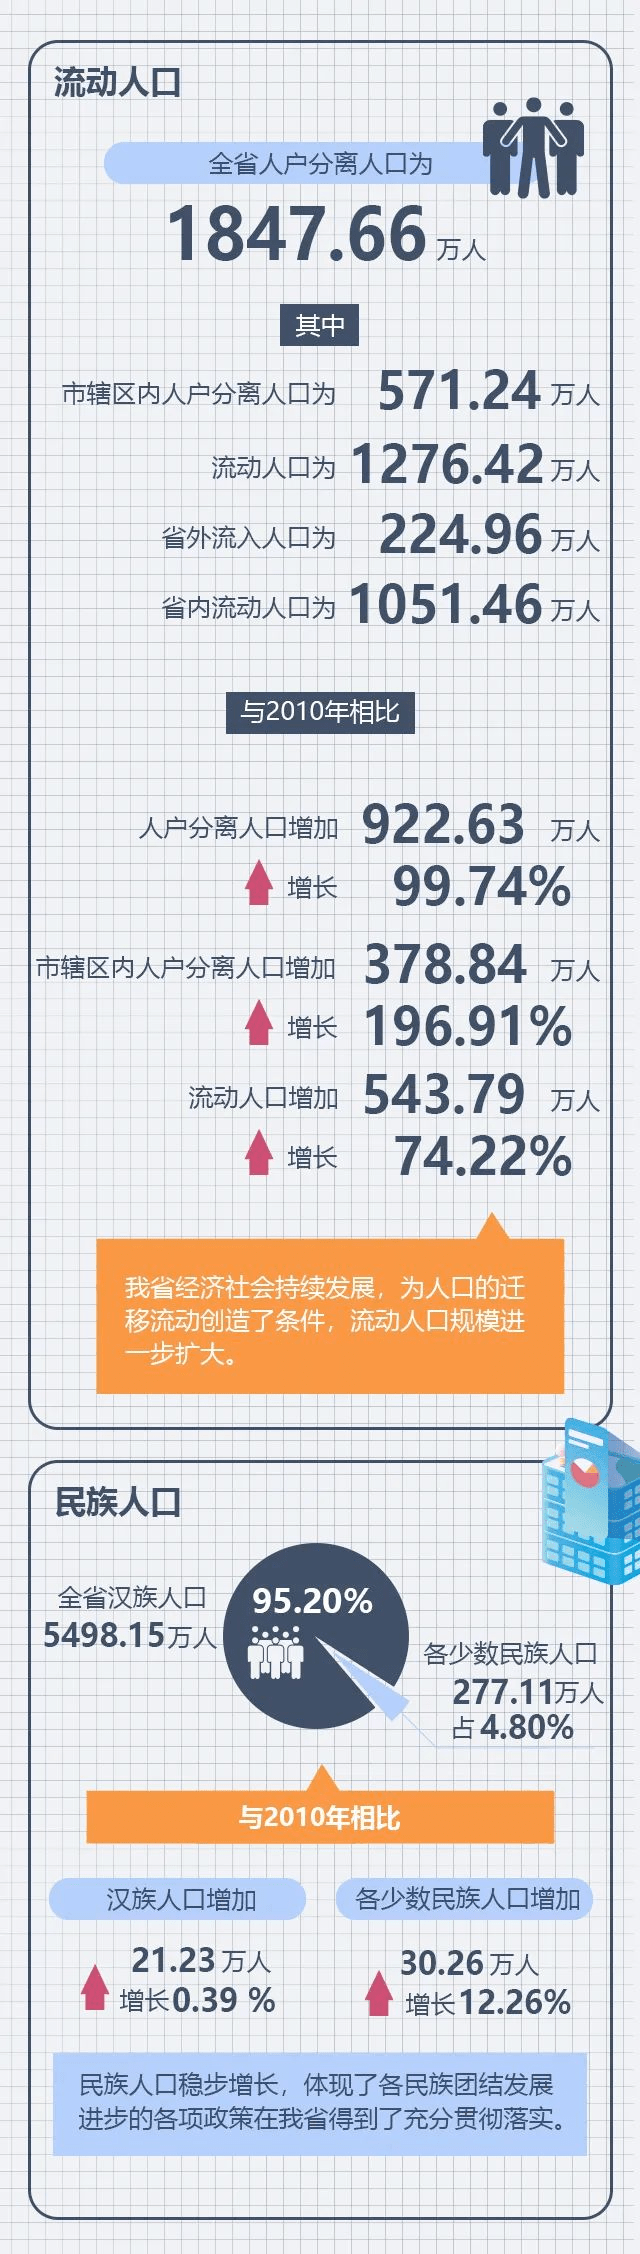 湖北省人口普查数据出炉!城镇人口新增超787万人 全省人户分离人口高达184